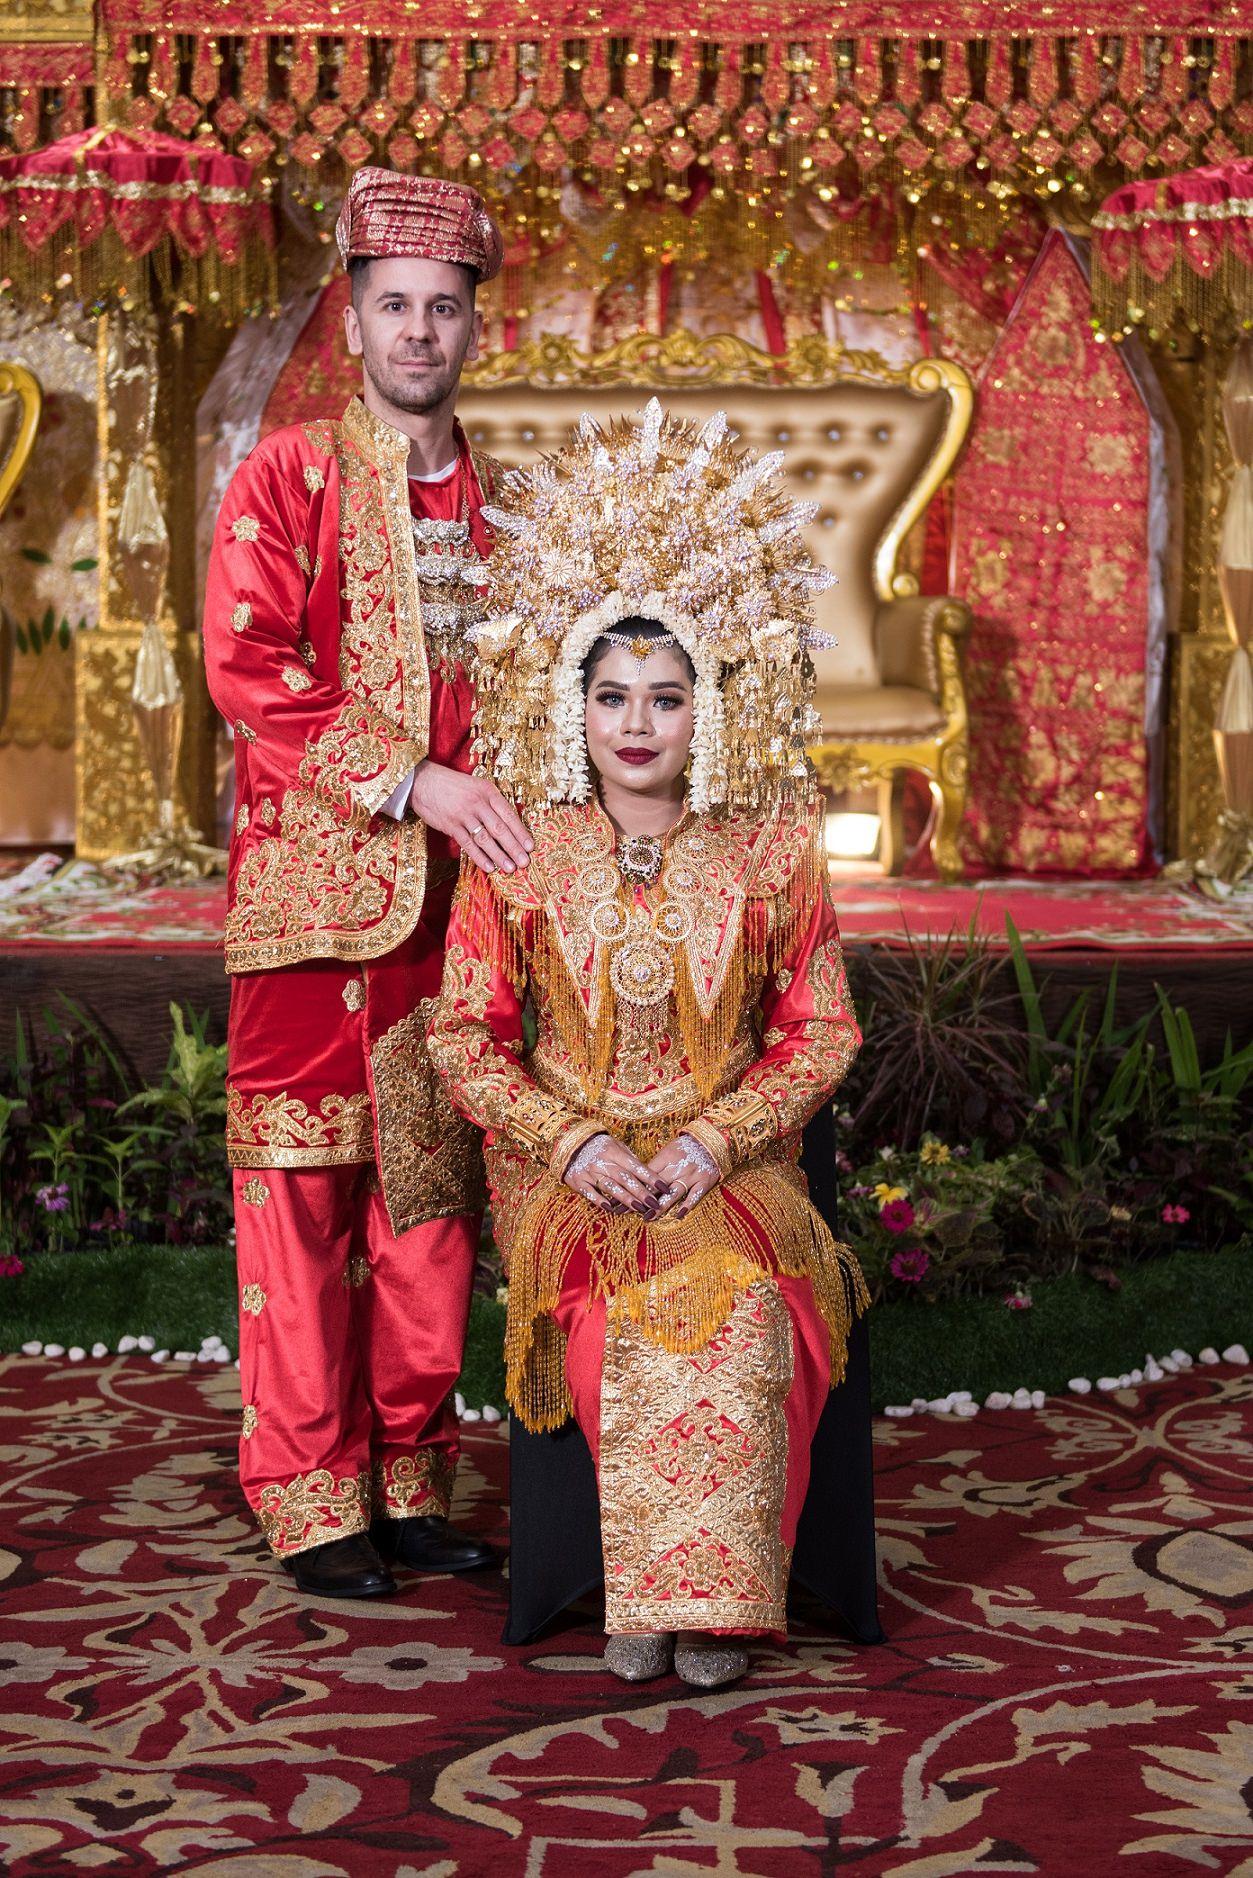 Polgár András: Minangkabau esküvőnk, 2019. január 6. | Our Minangkabau Wedding, January 6, 2019, Padang, Indonesia © Polgár András